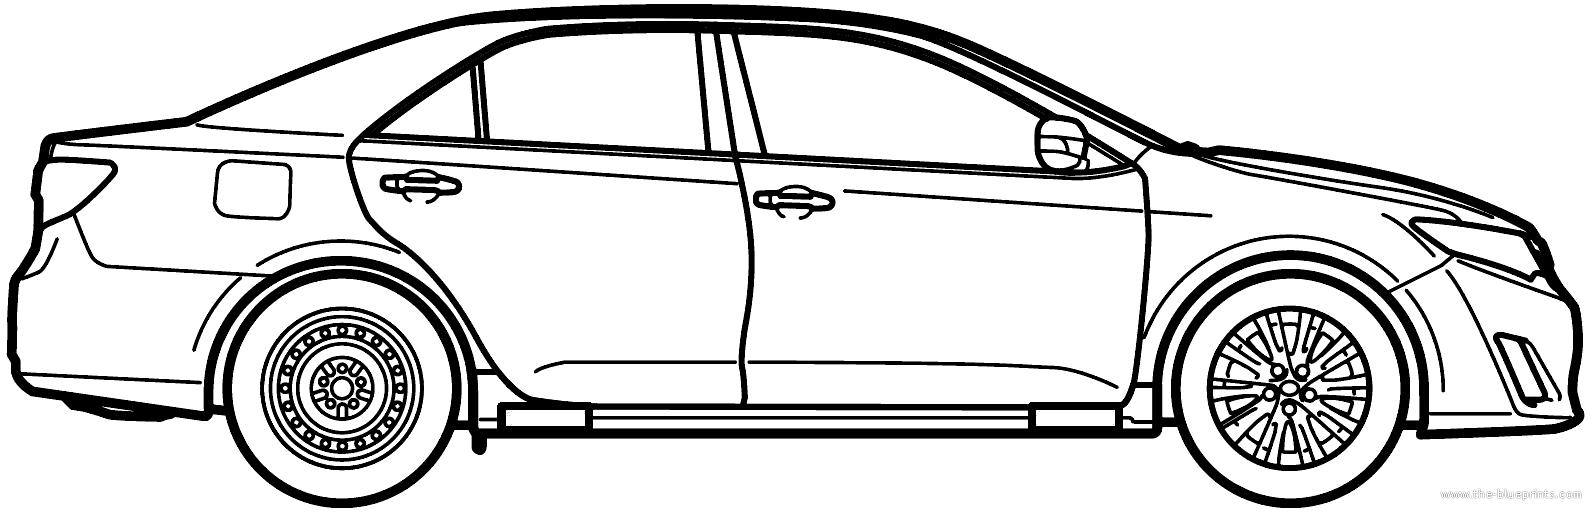 blueprints u003e cars u003e toyota u003e toyota camry 2014 rh the blueprints com Toyota Certified Logo Toyota Logo Meaning